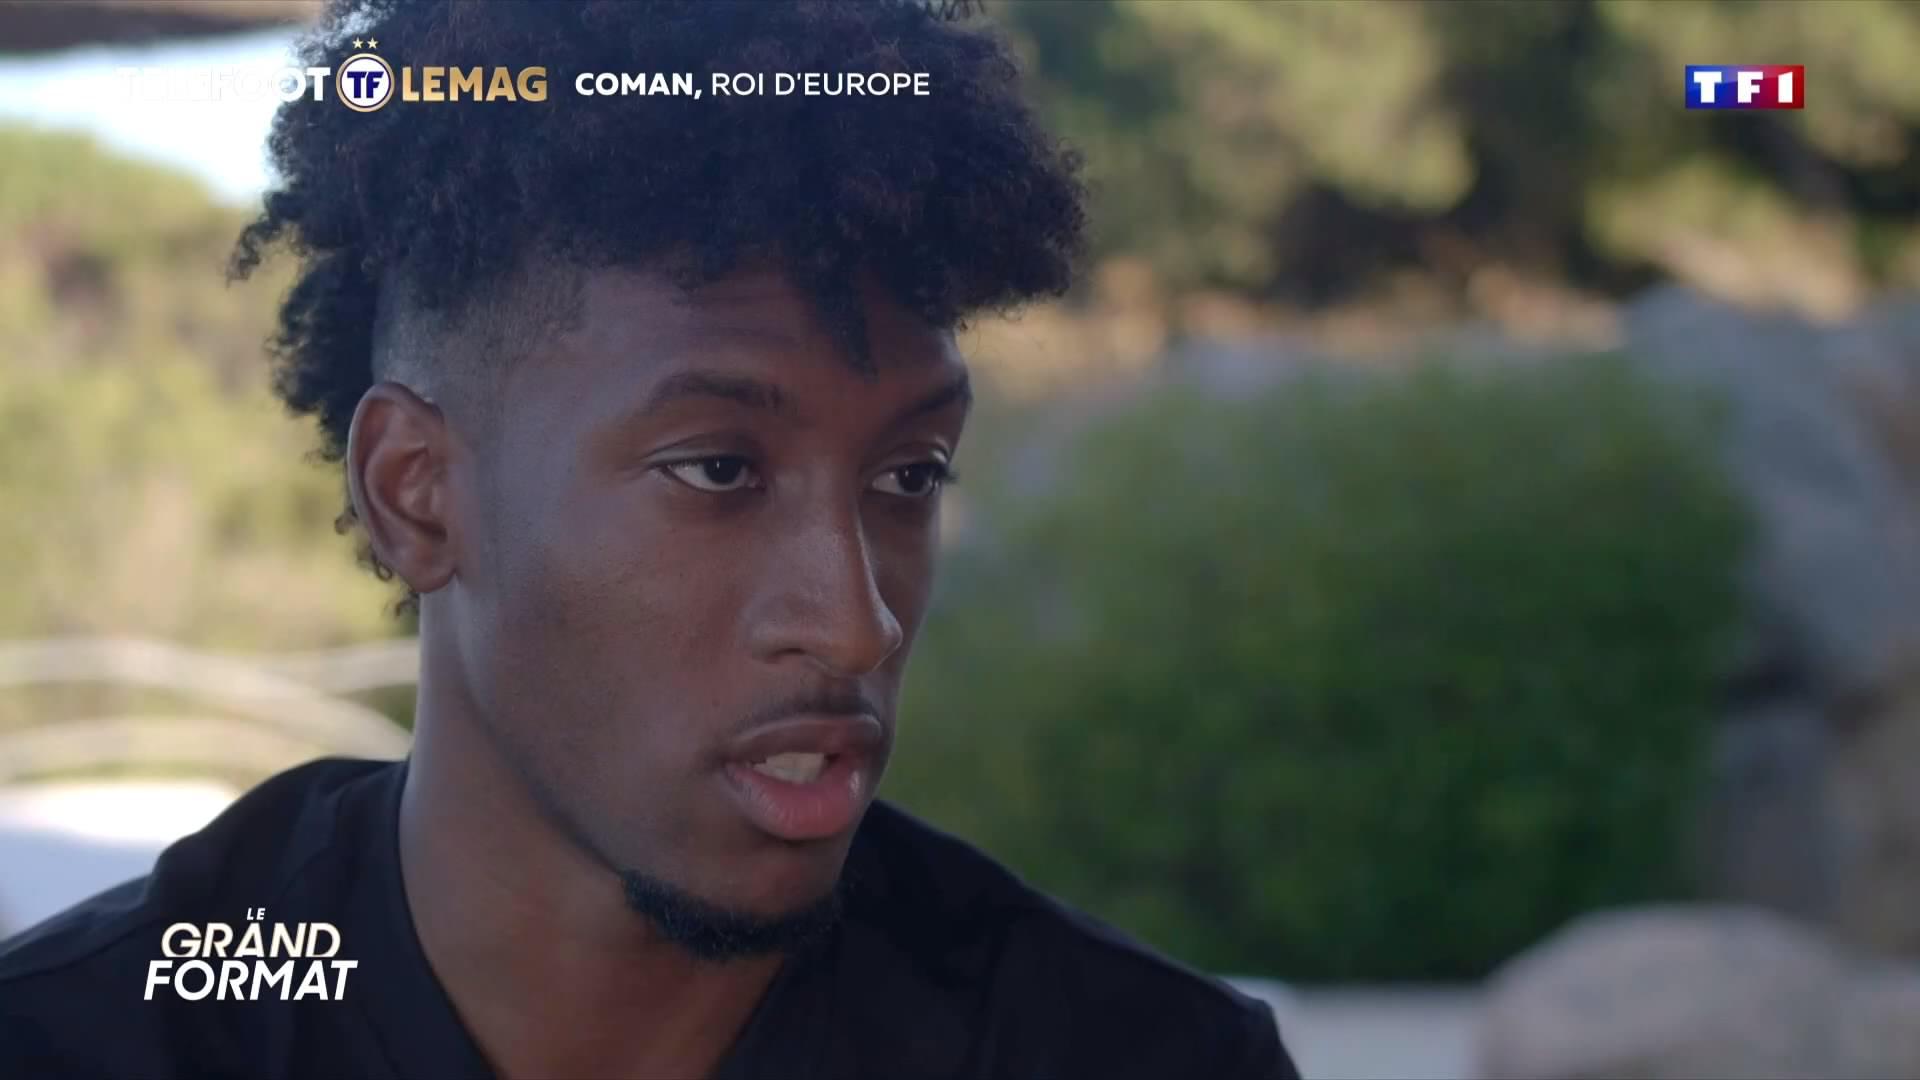 科曼:我在巴黎踢不了首发,但巴黎已经是我的过去式了